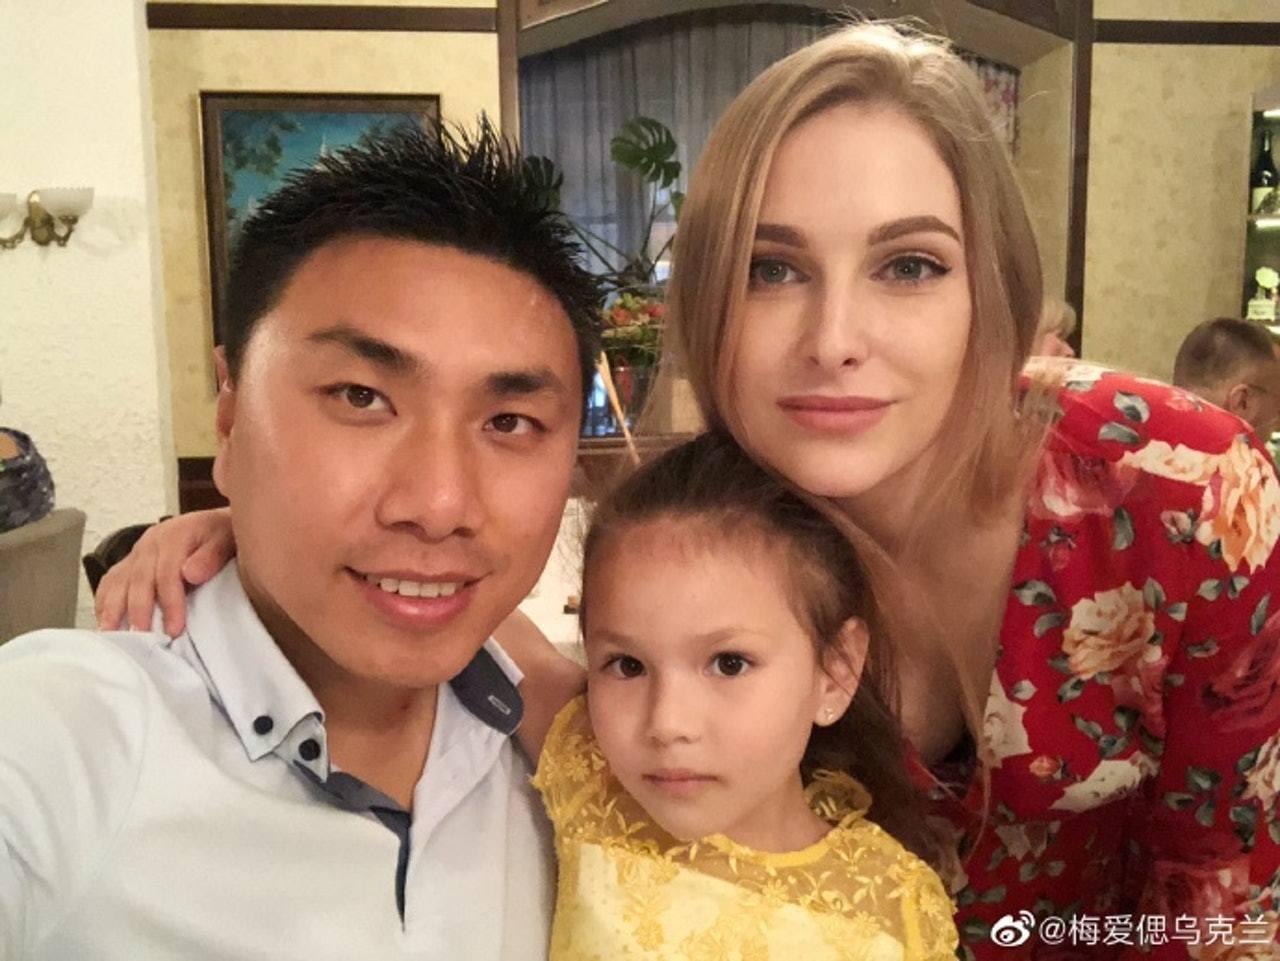 梅愛偲已經落地生根,與妻子達莎梅育有一女,生活幸福。(梅愛偲微博圖片)